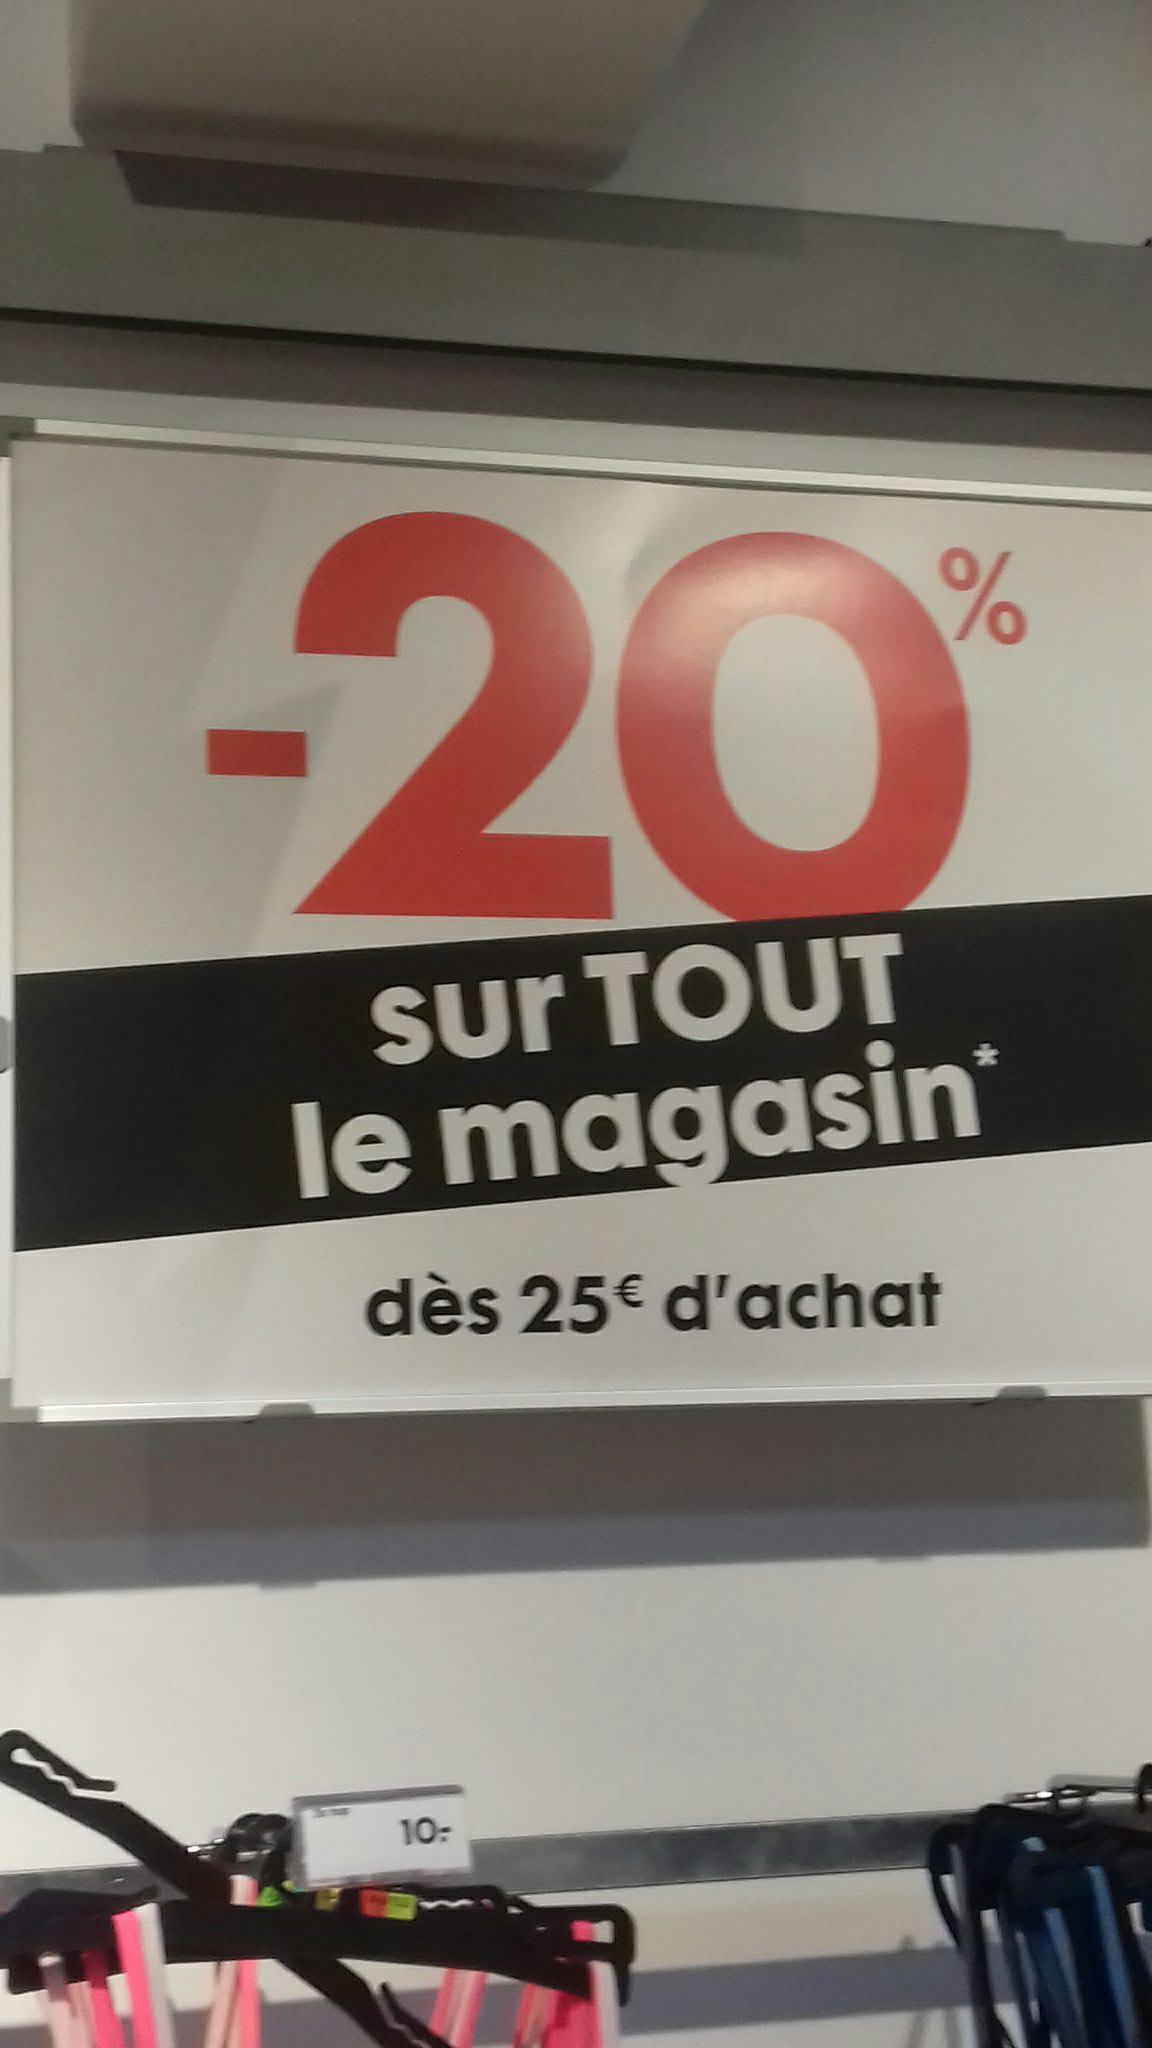 20% de réduction sur tout le magasin dès 25€ d'achats (hors exceptions) - Brest (29)